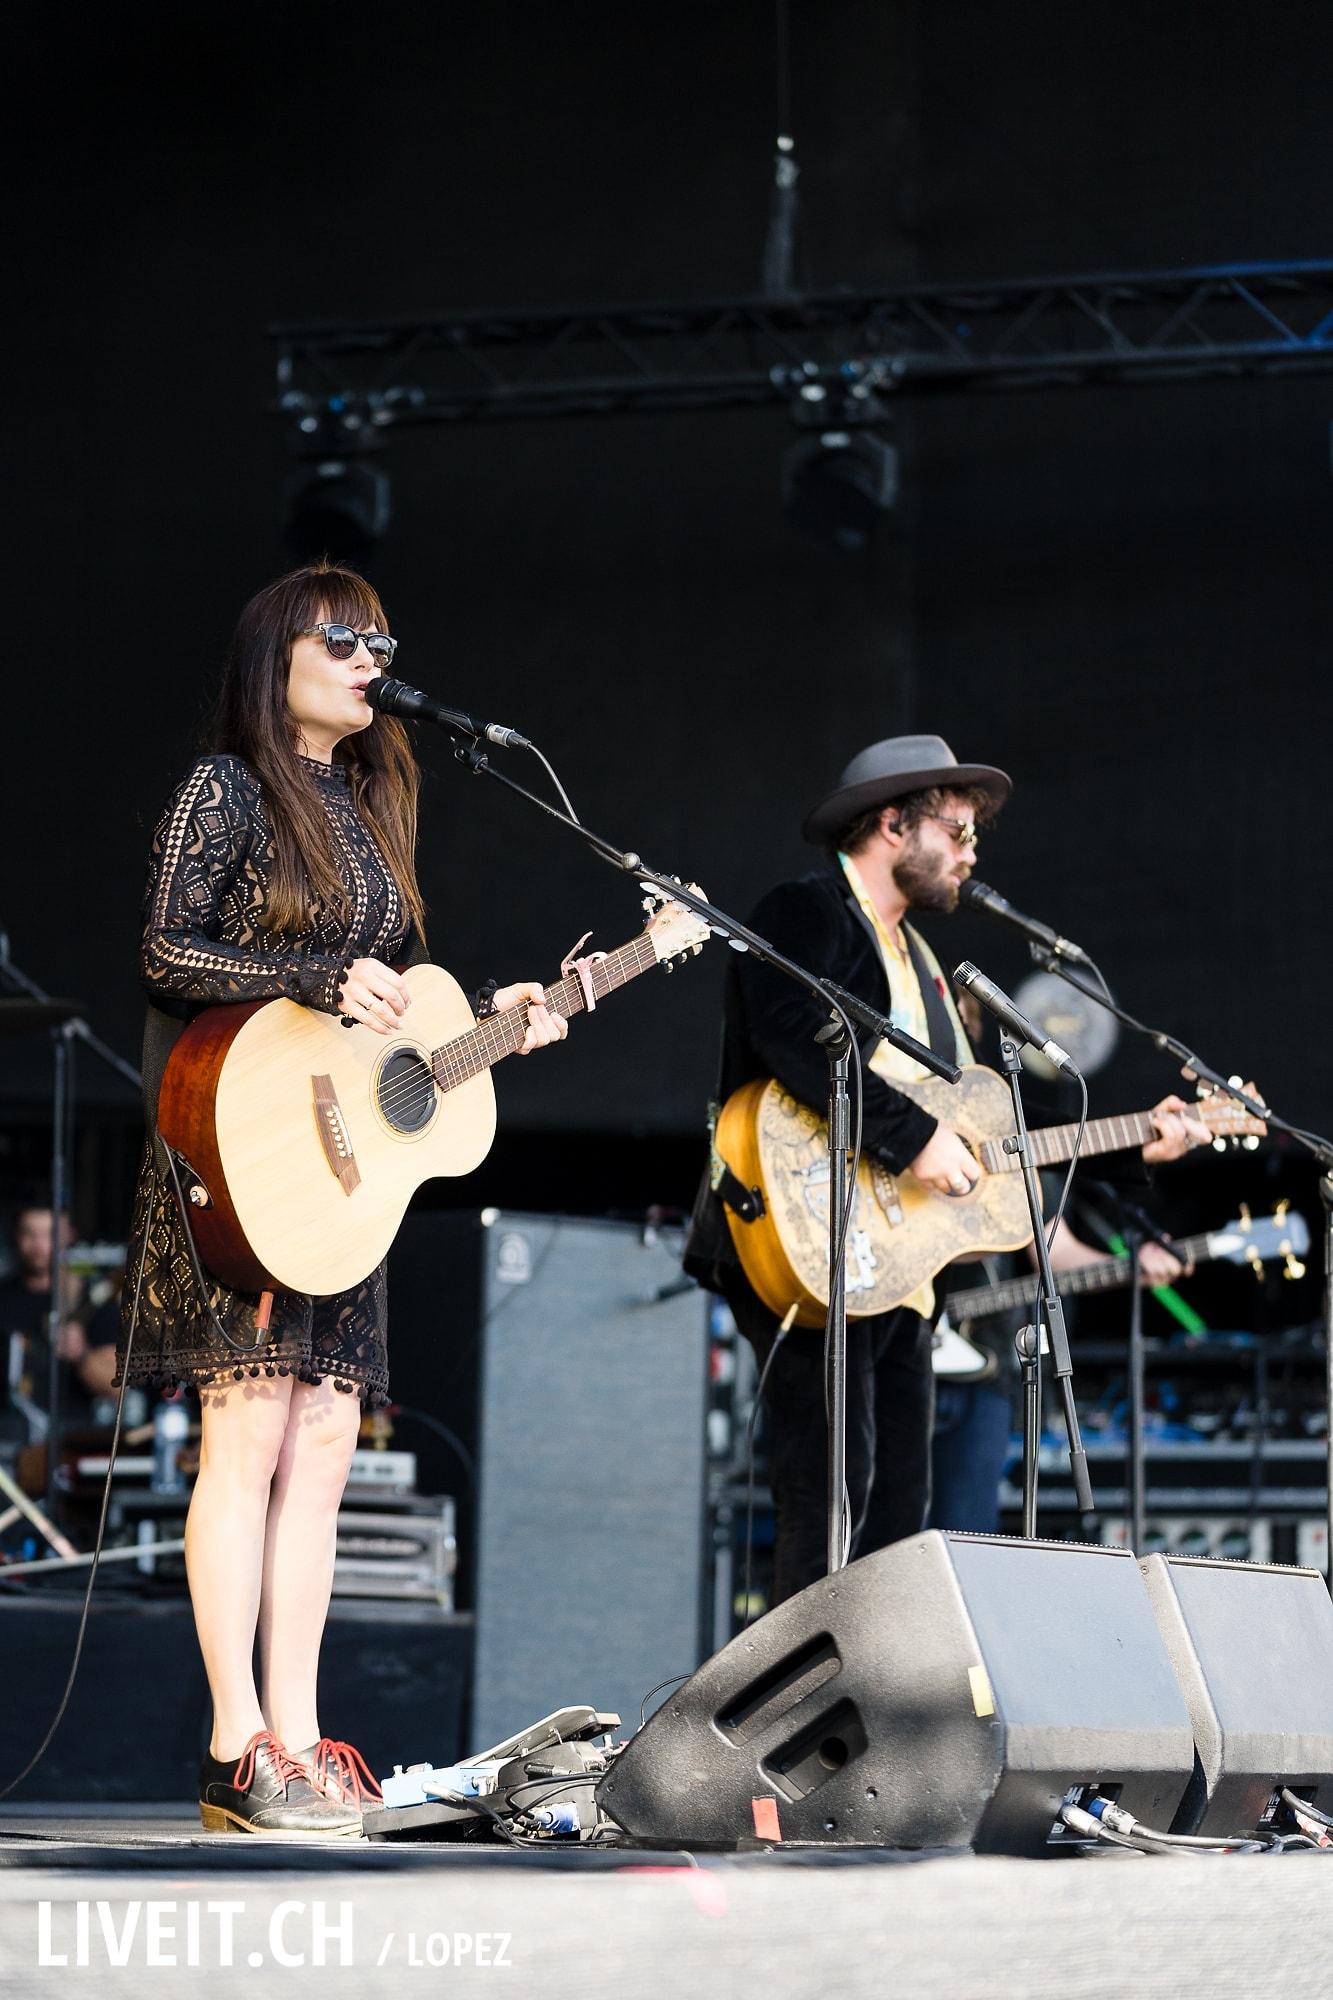 Angus & Julia Stone fotografiert am Gurtenfestival 2018 in Bern. (Manuel Lopez for Gurtenfestival)